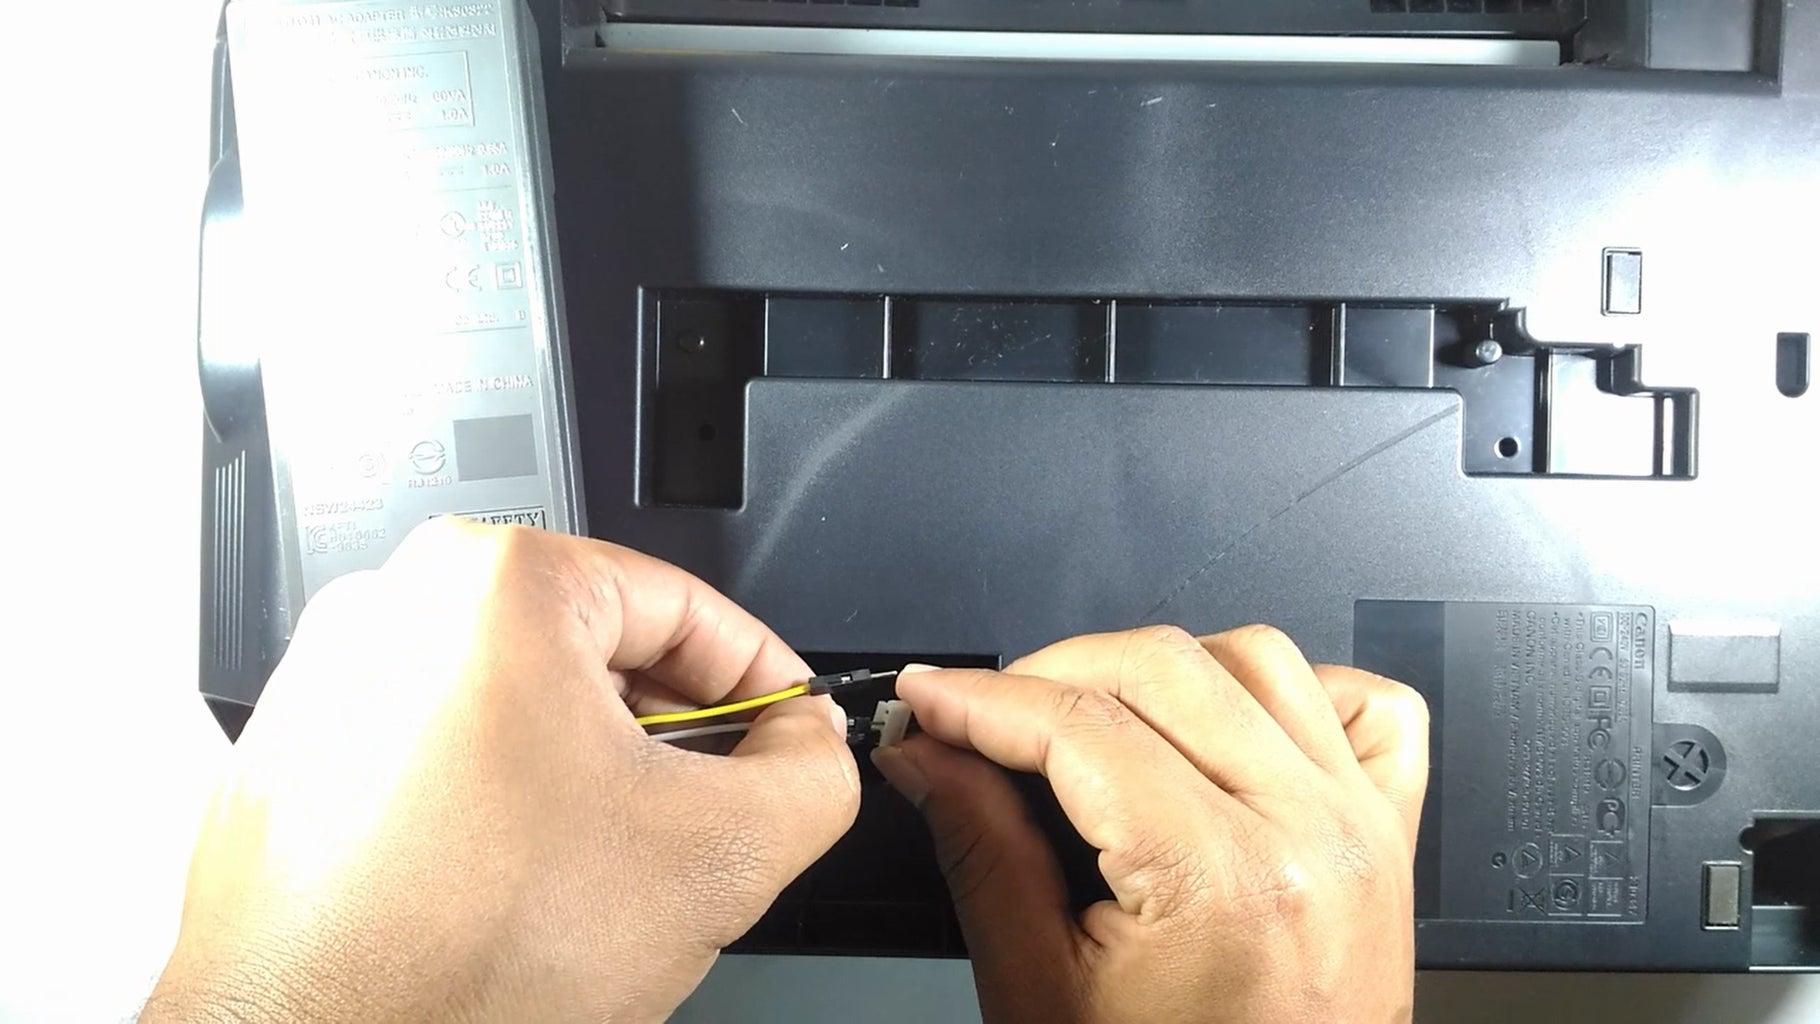 Hacking the Printer